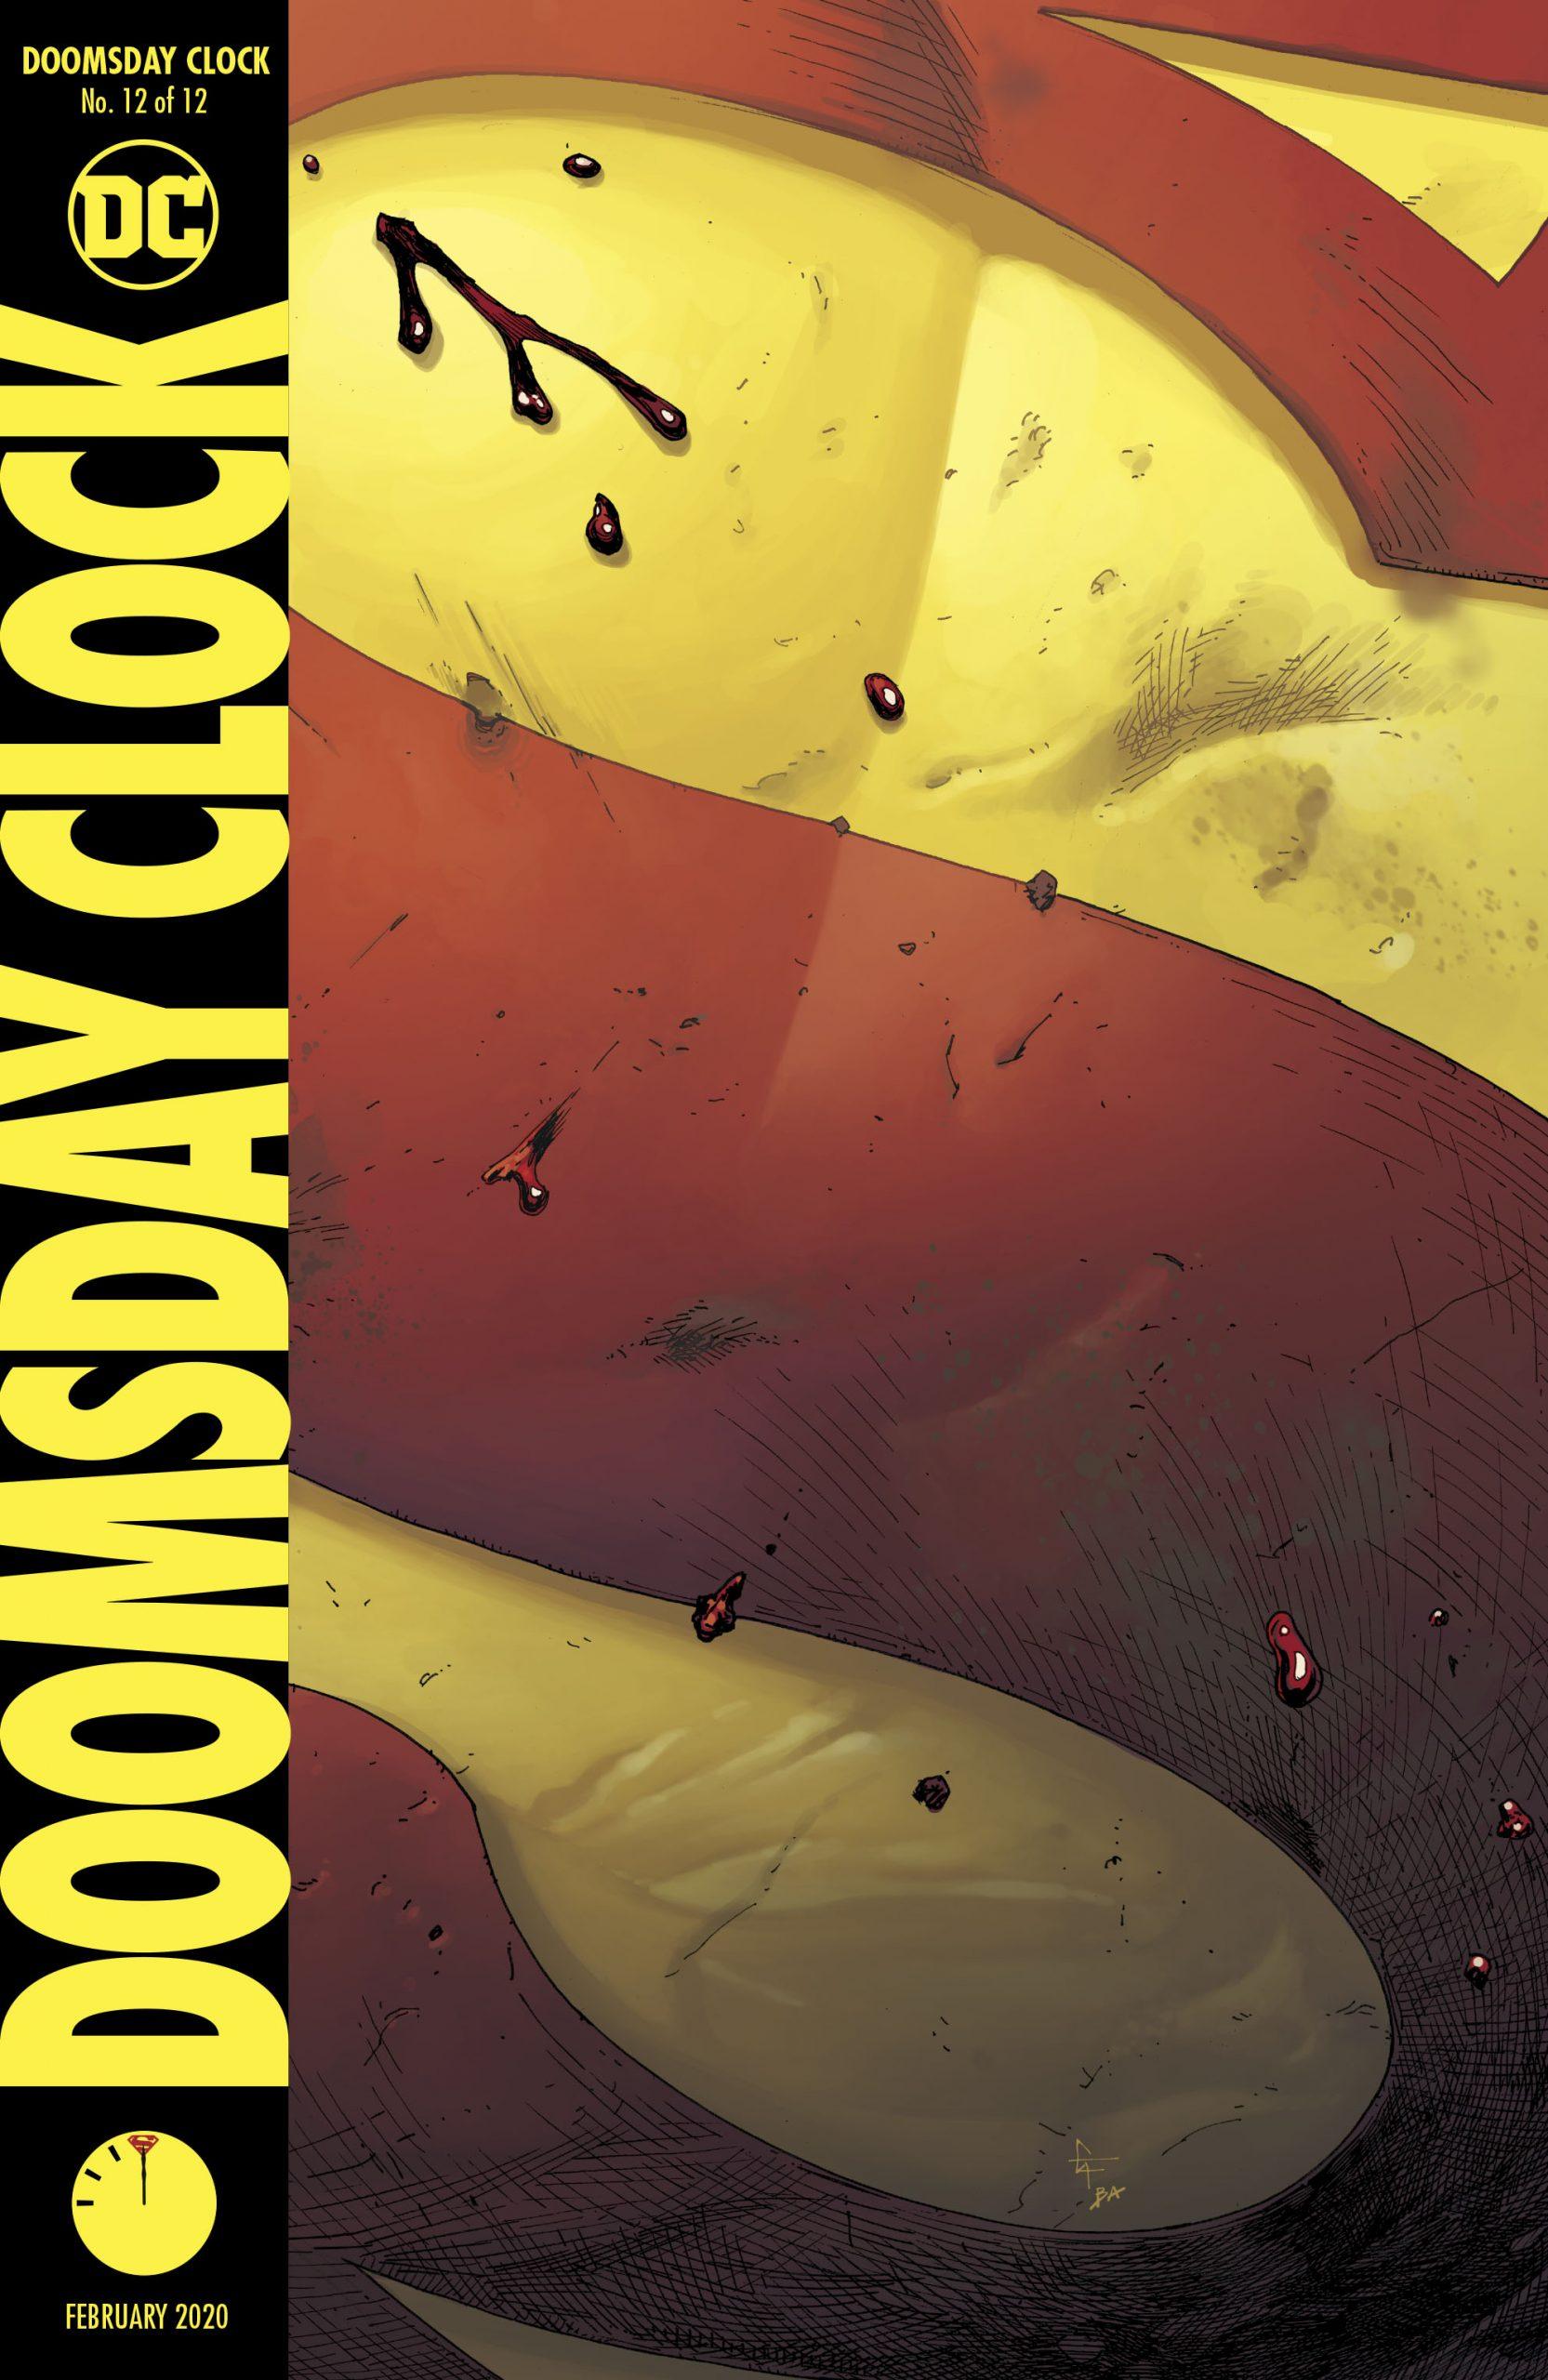 Doomsday Clock 12 Watchmen Sequel